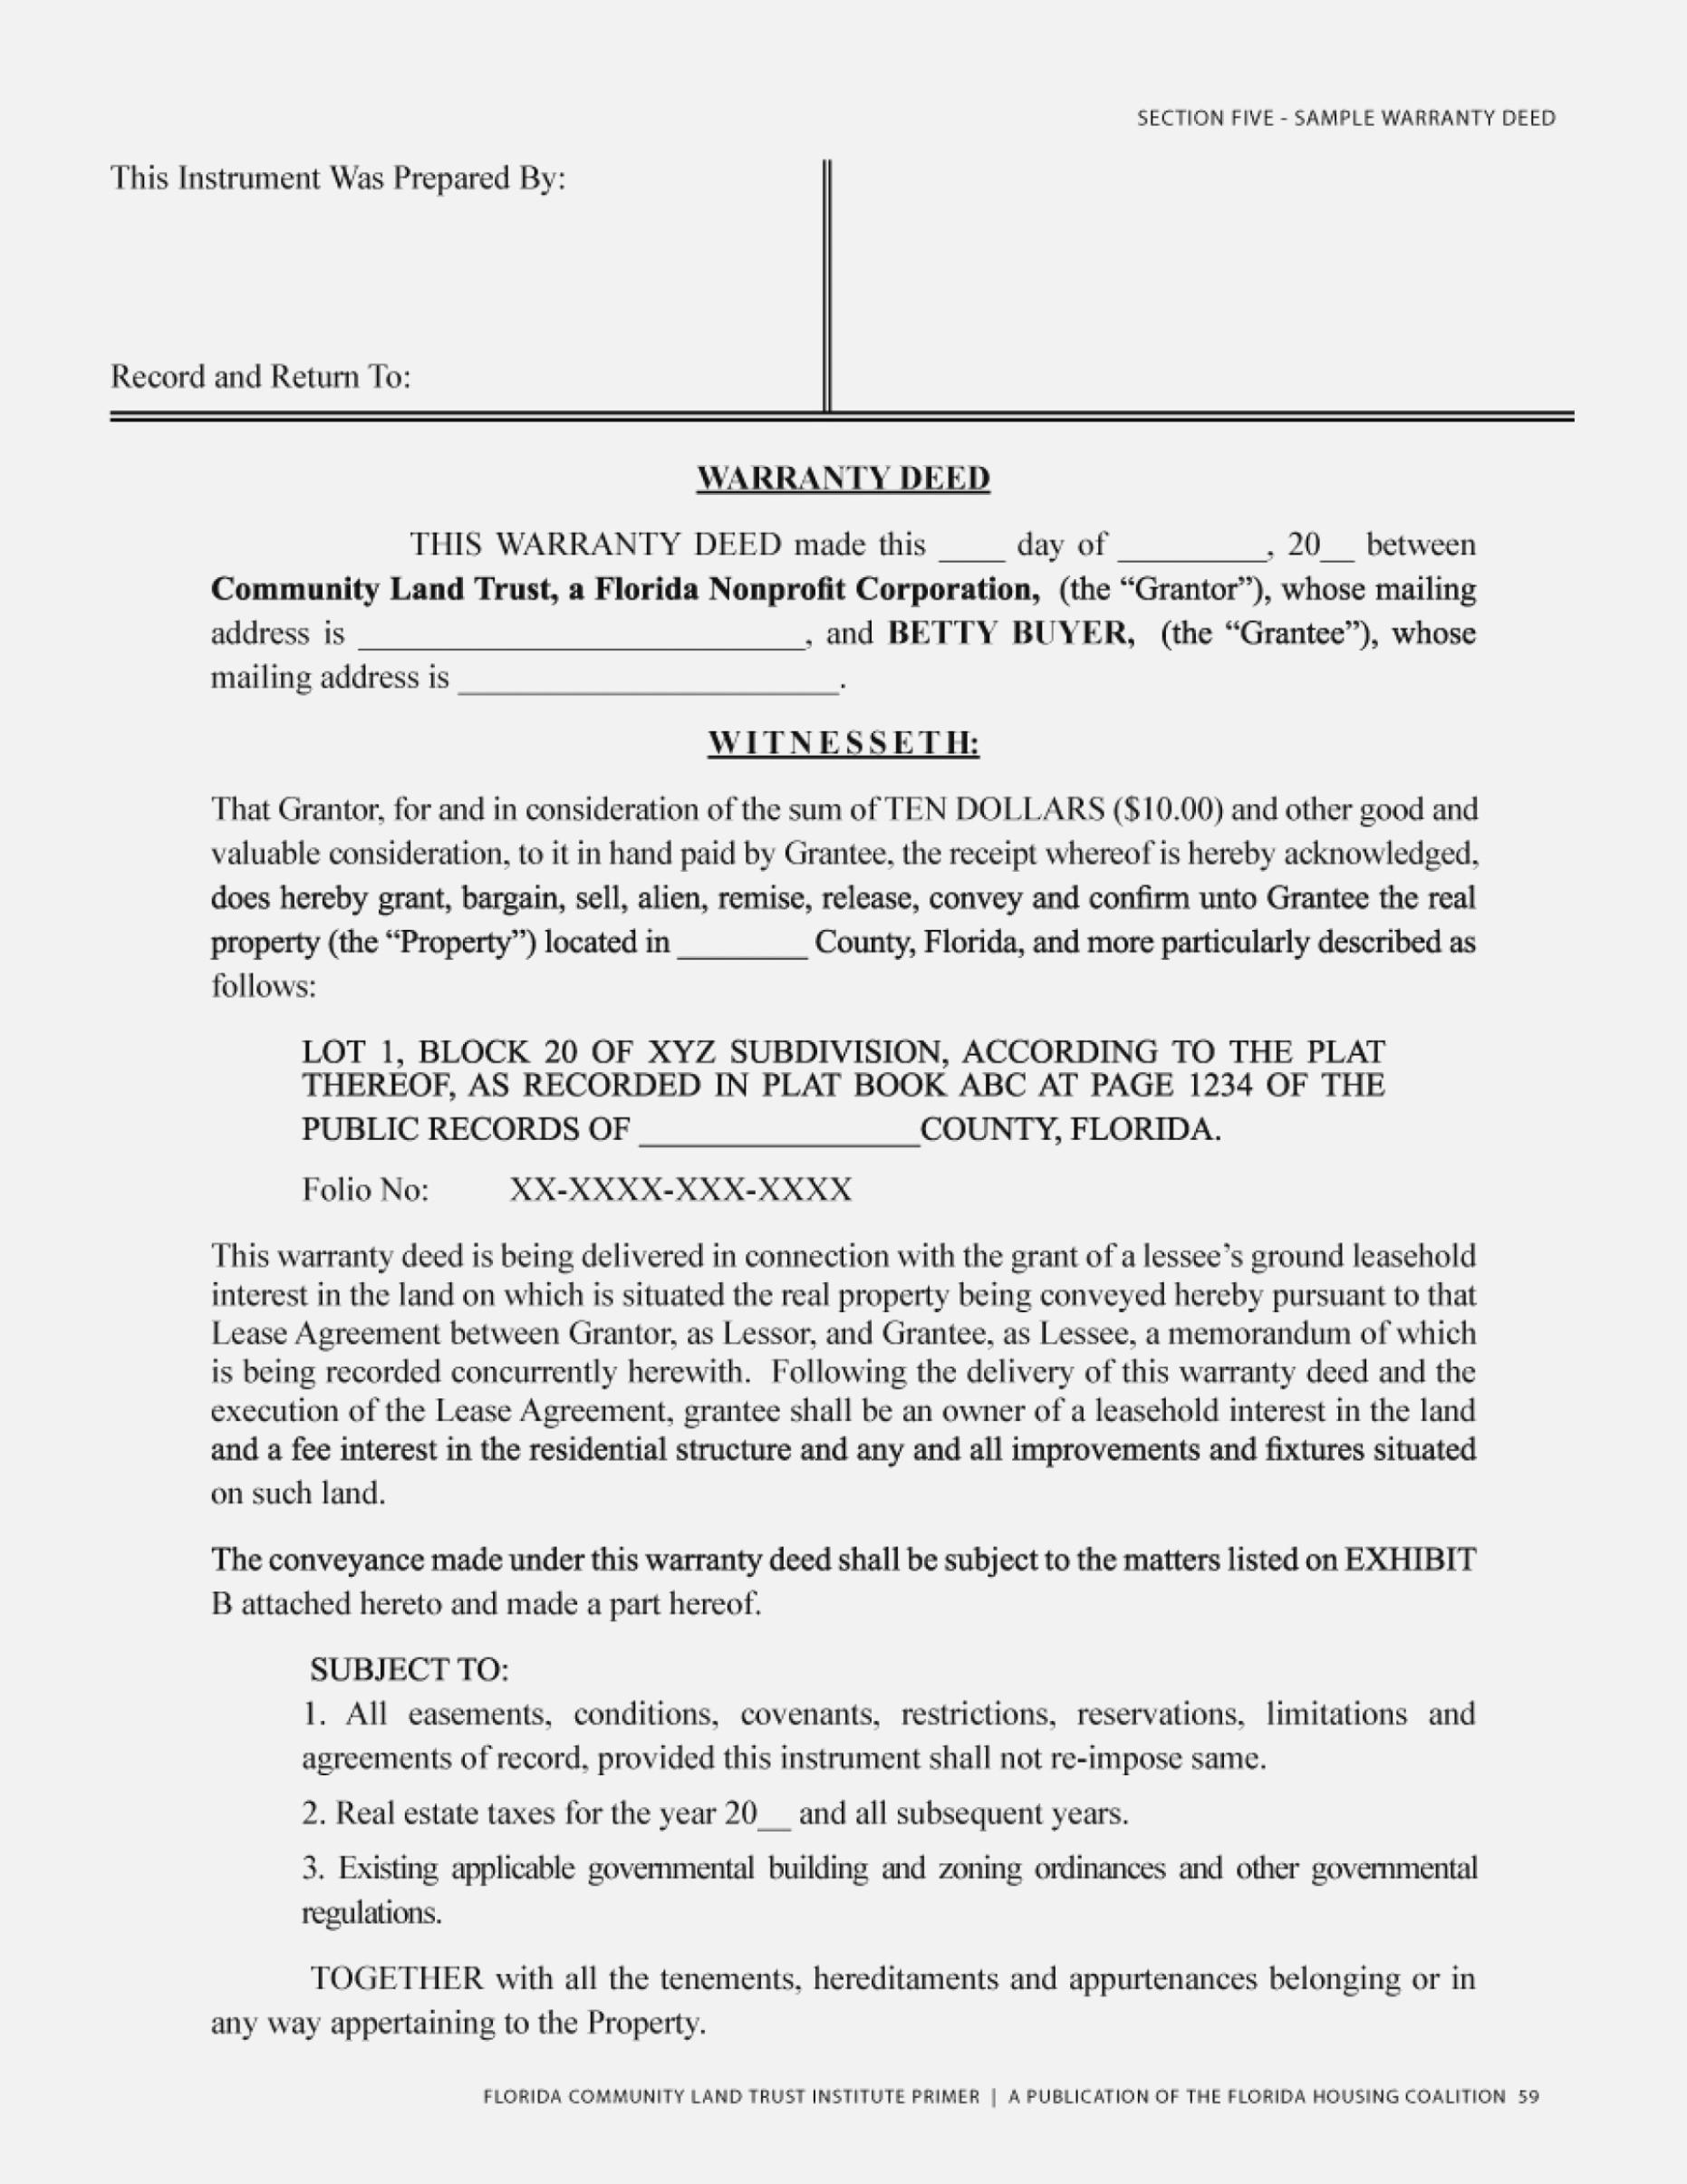 Special Warranty Deed Form Texas